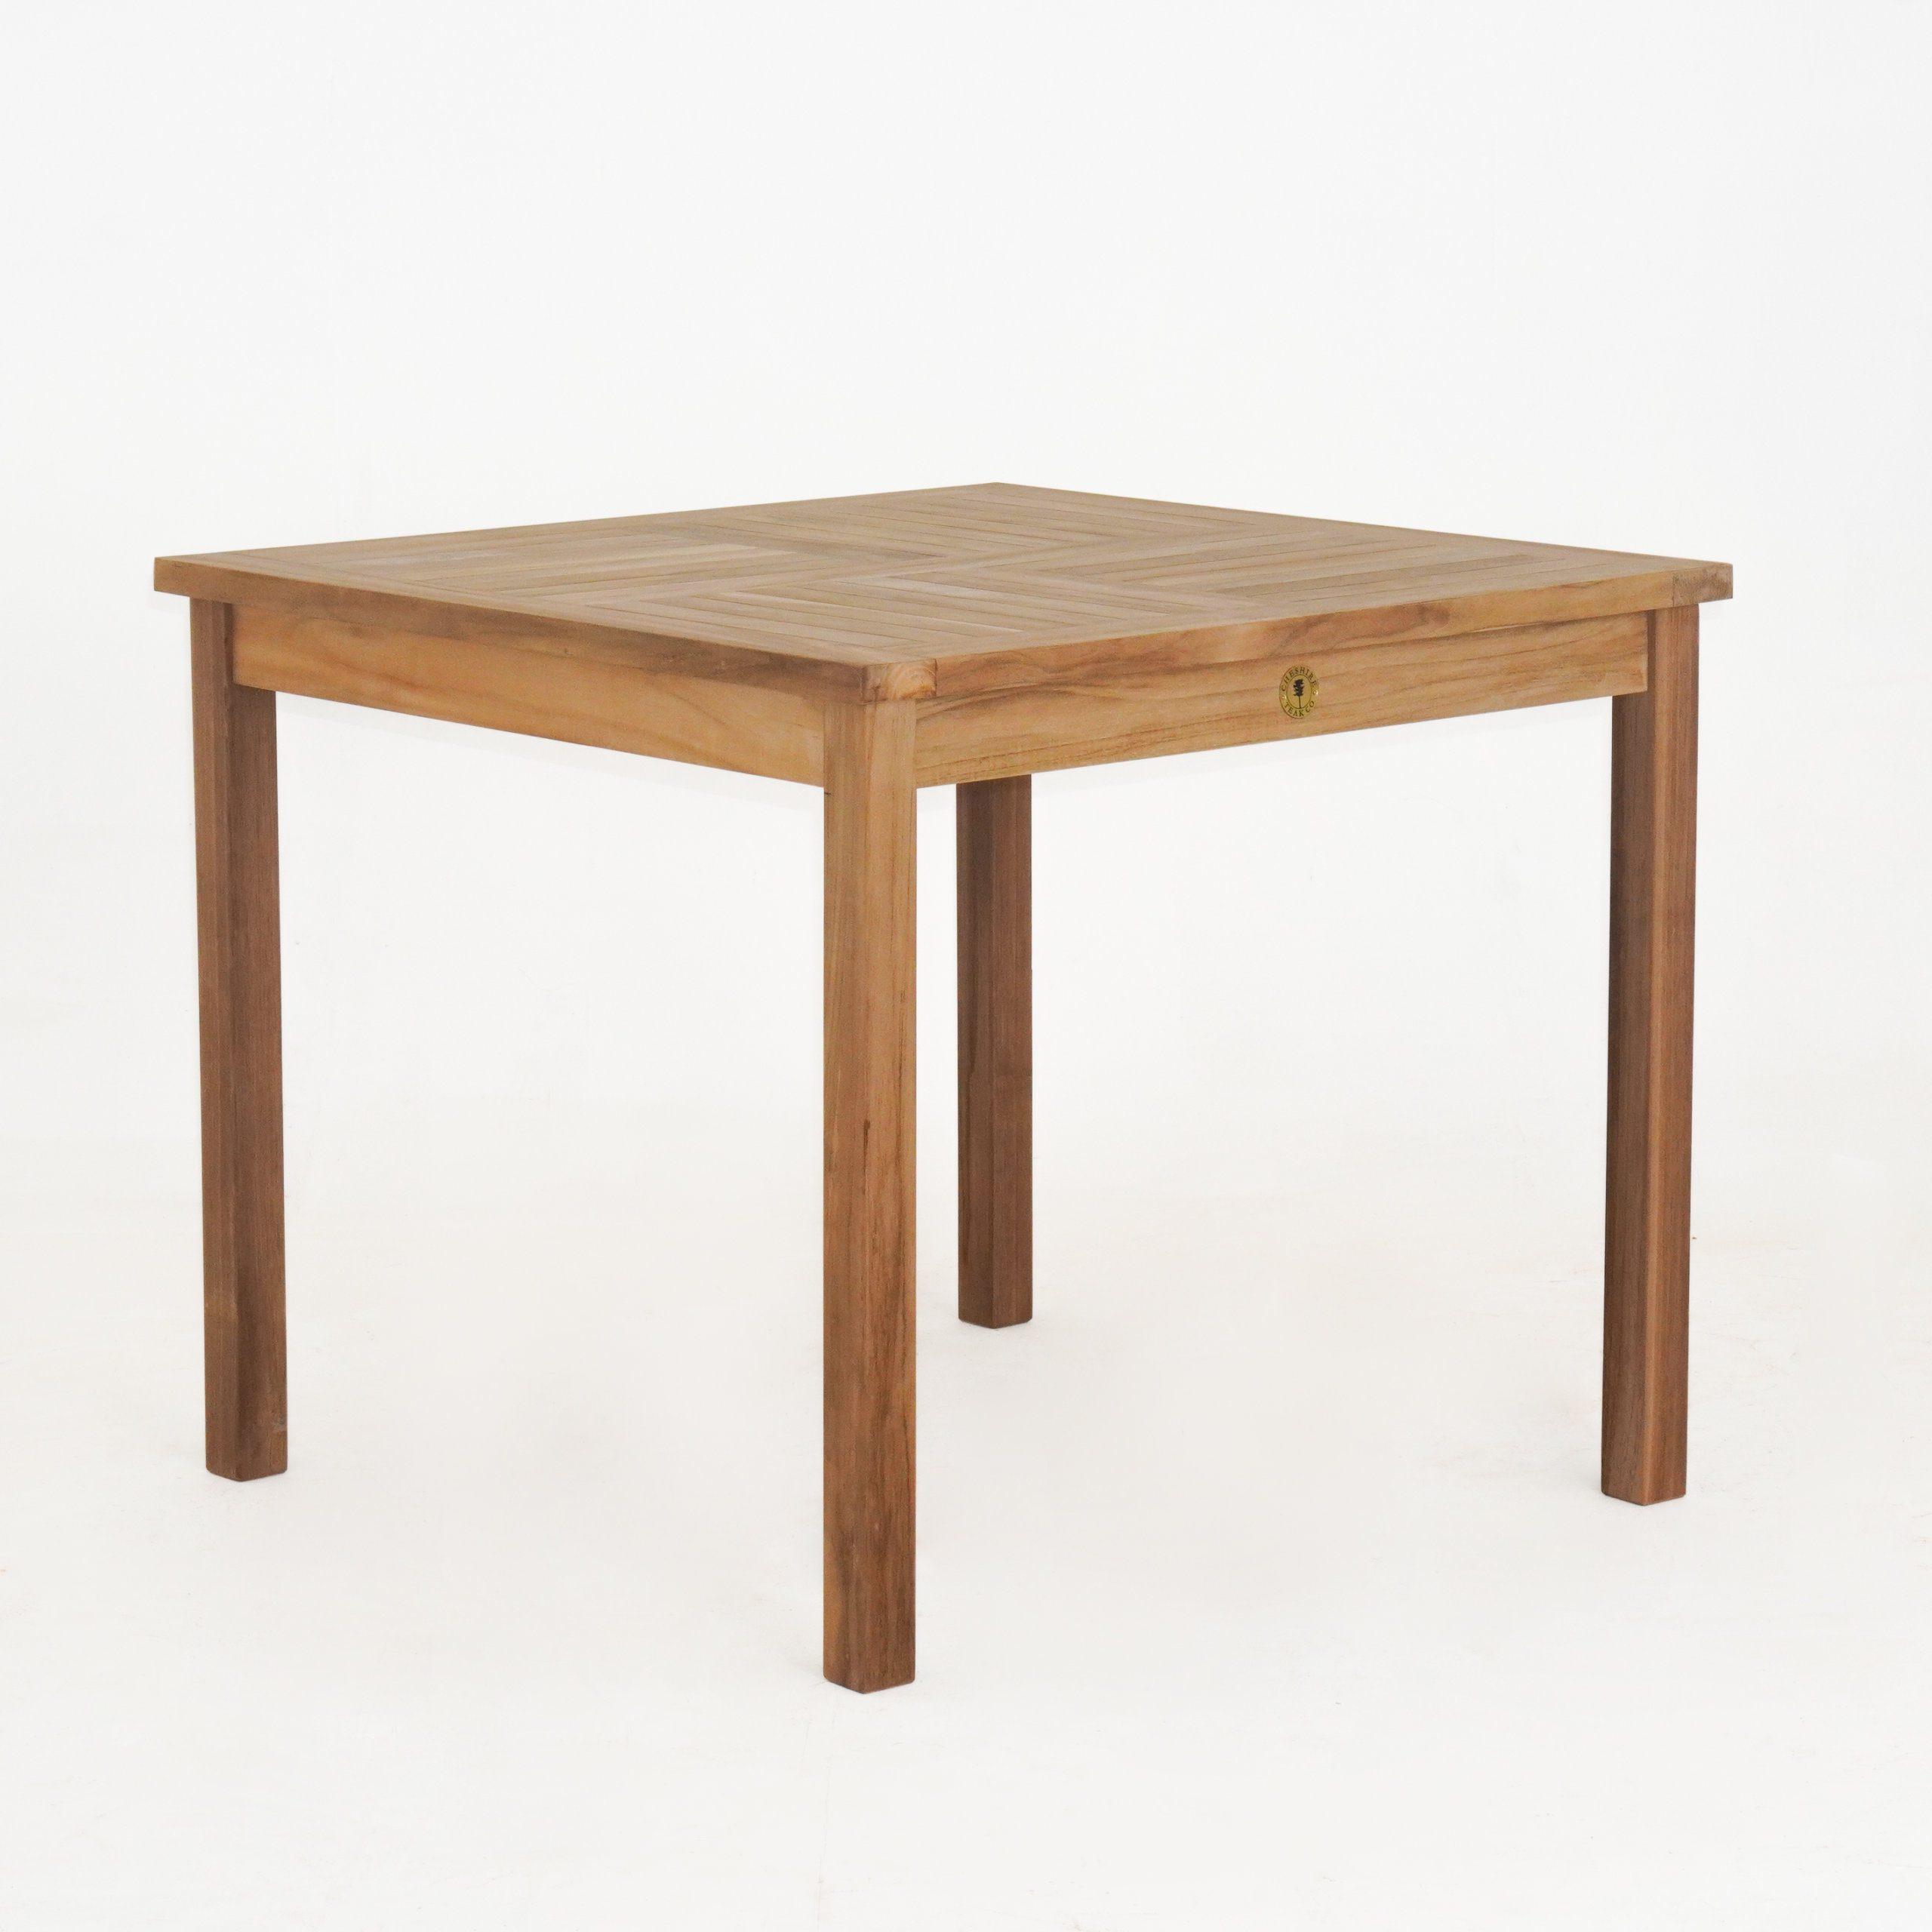 Fixed Square Teak Table